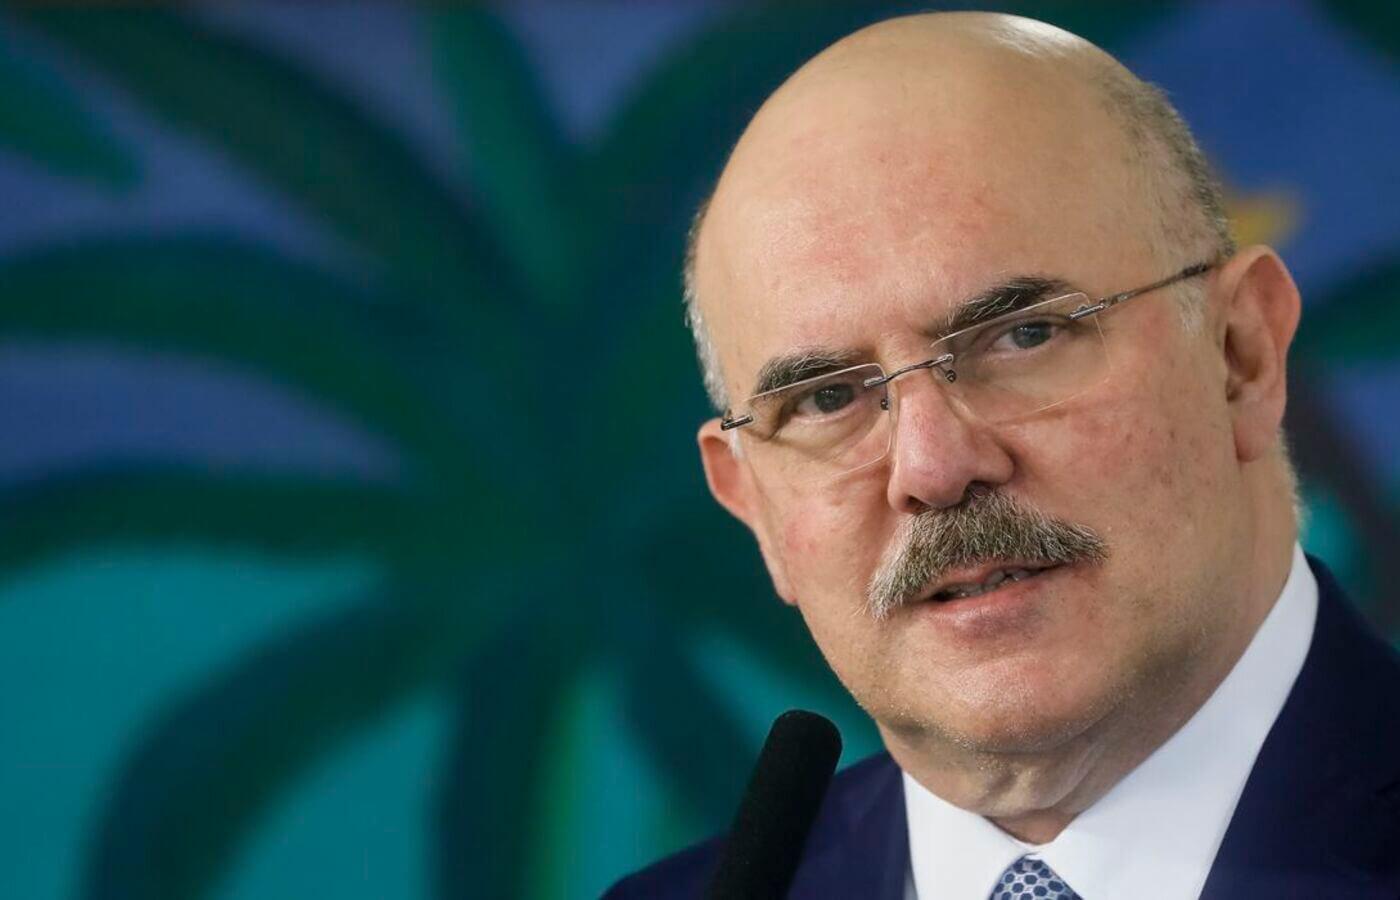 Ministro da Educação quer revisar provas do Enem para evitar questões ideológicas